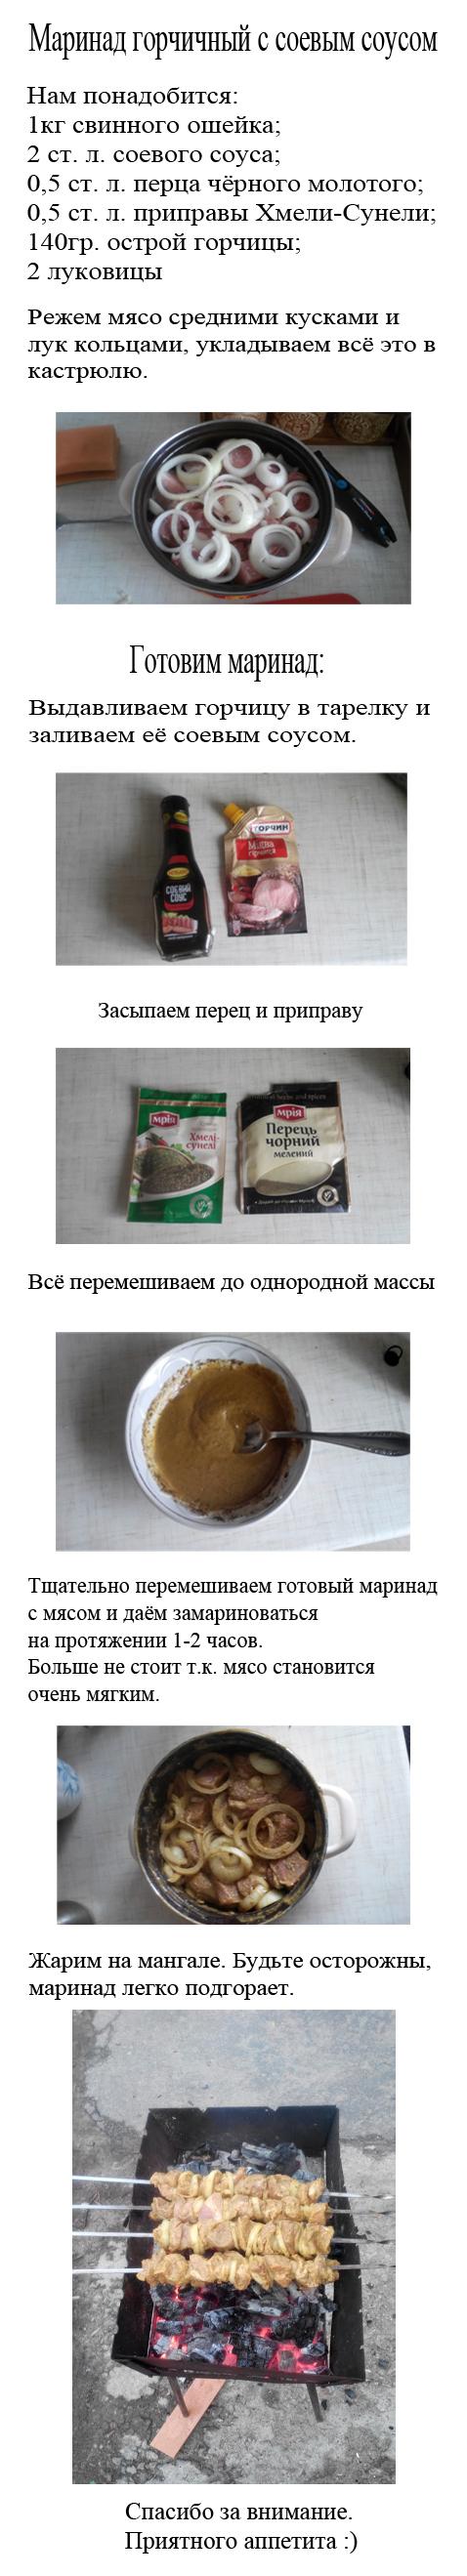 Соевый соус 2 ст